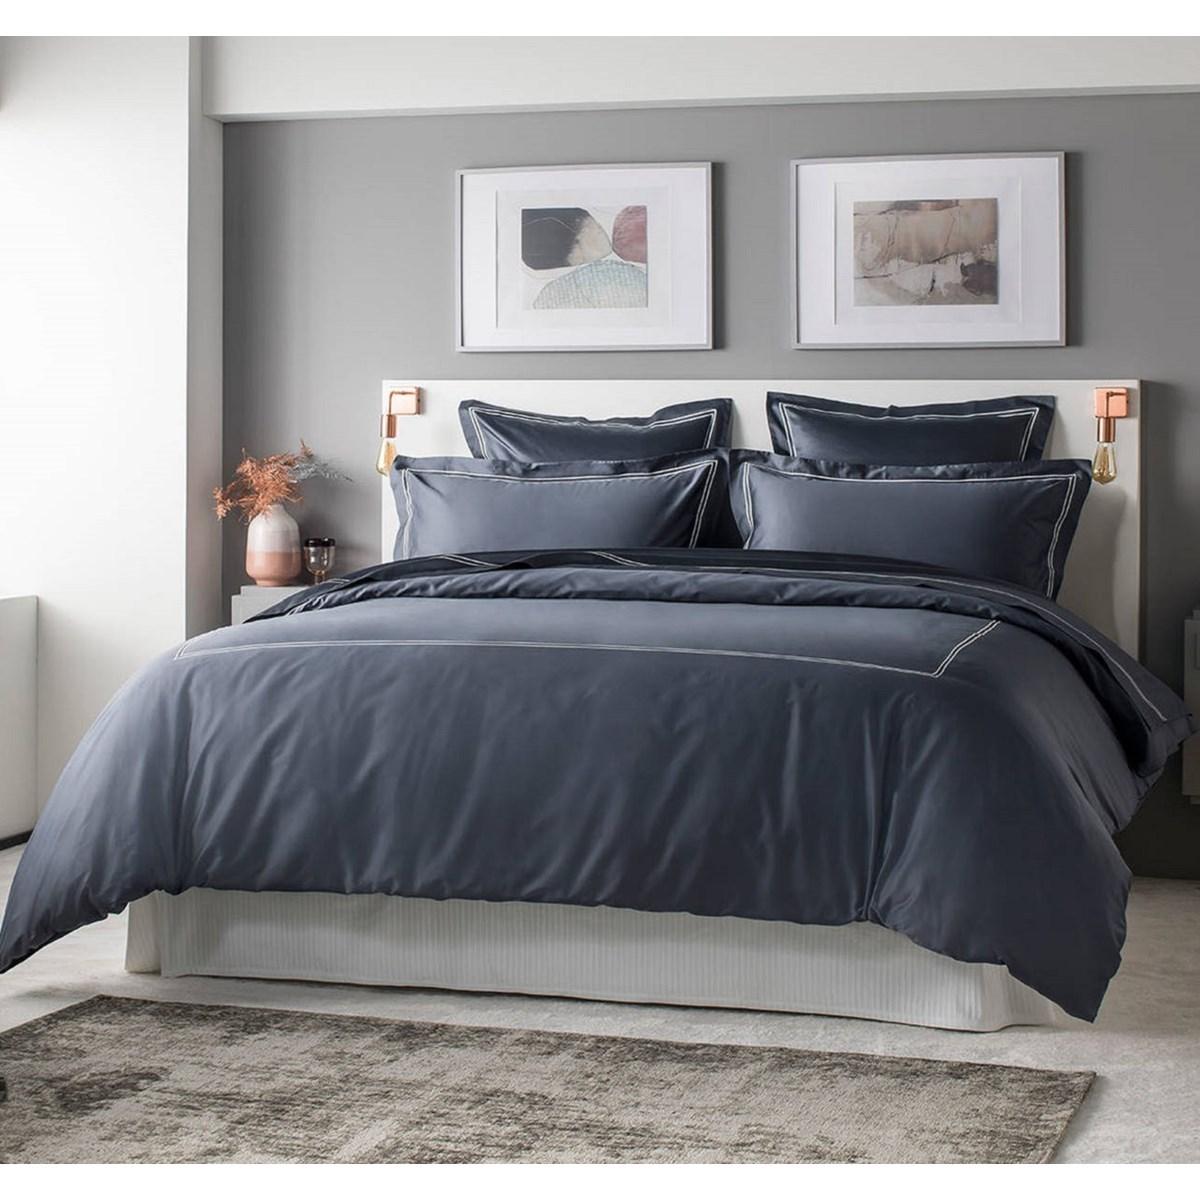 Drap plat luxe en Satin de coton Gris 240x310 cm